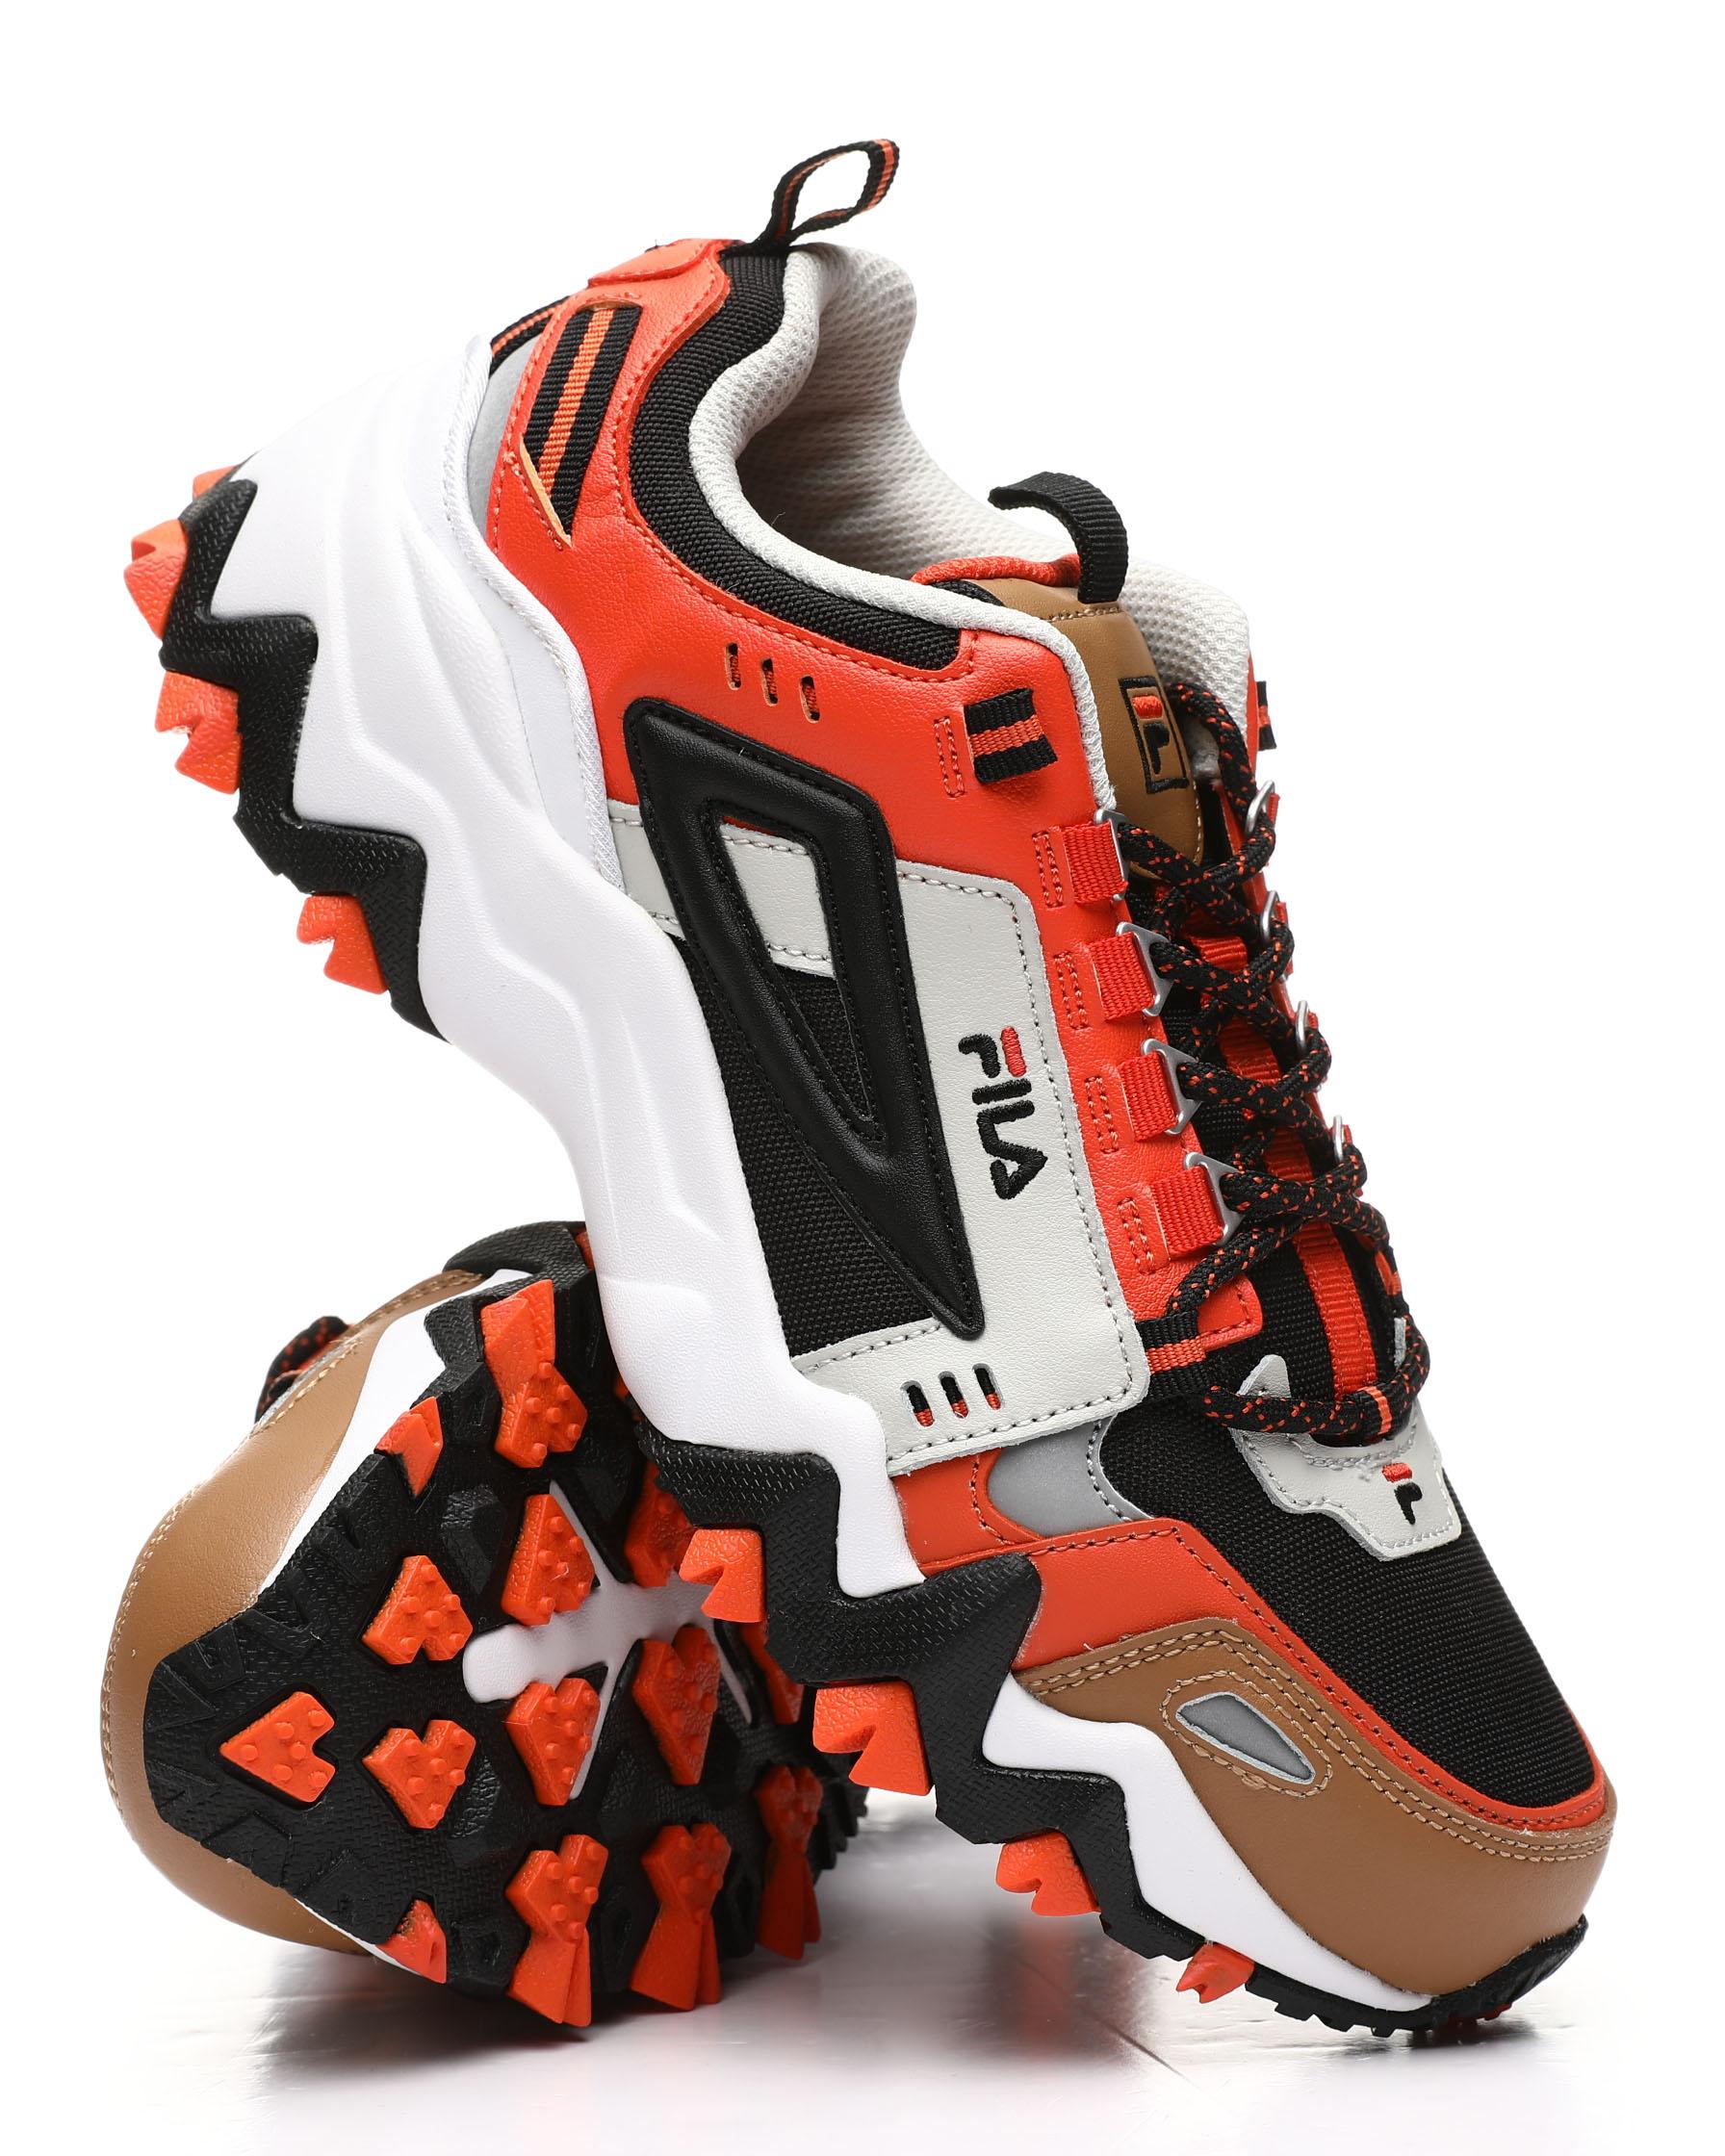 Buy Oakmont TR Sneakers Men's Footwear from Fila. Find Fila